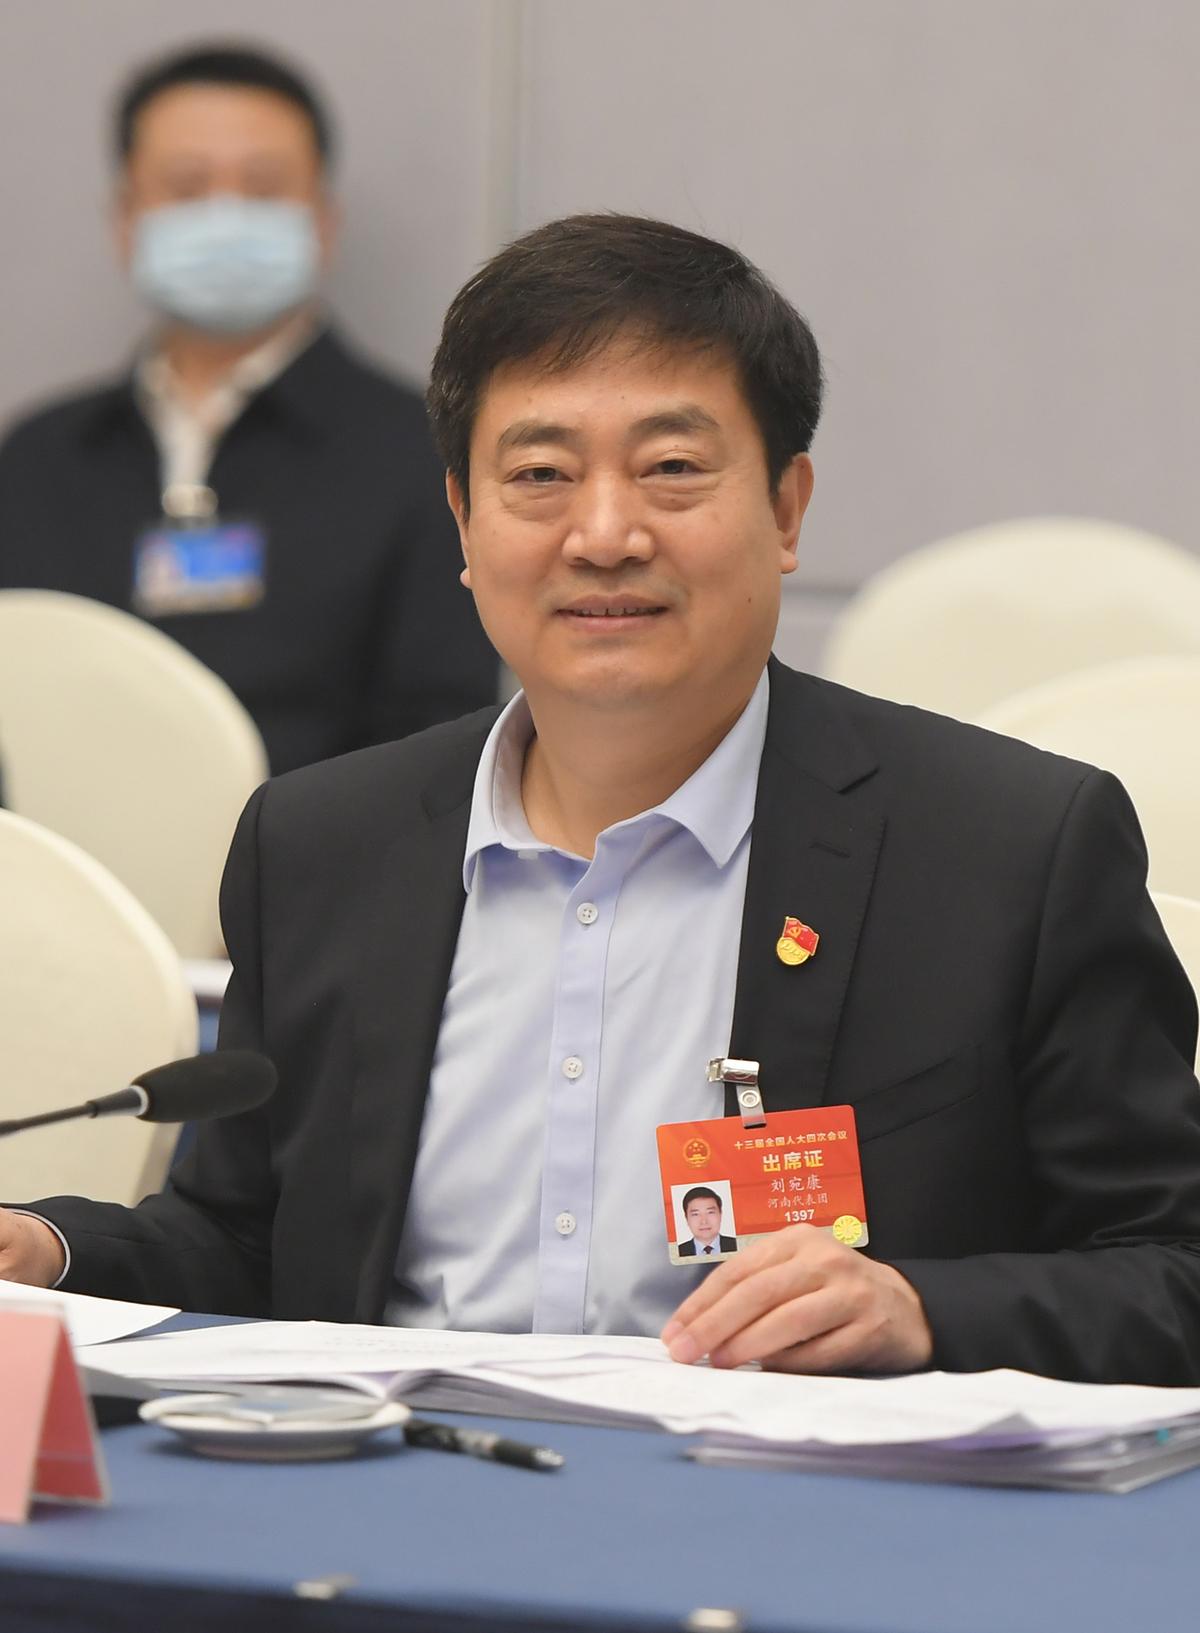 全国人大代表、洛阳市市长刘宛康:弘扬黄河文化 激发前进动力